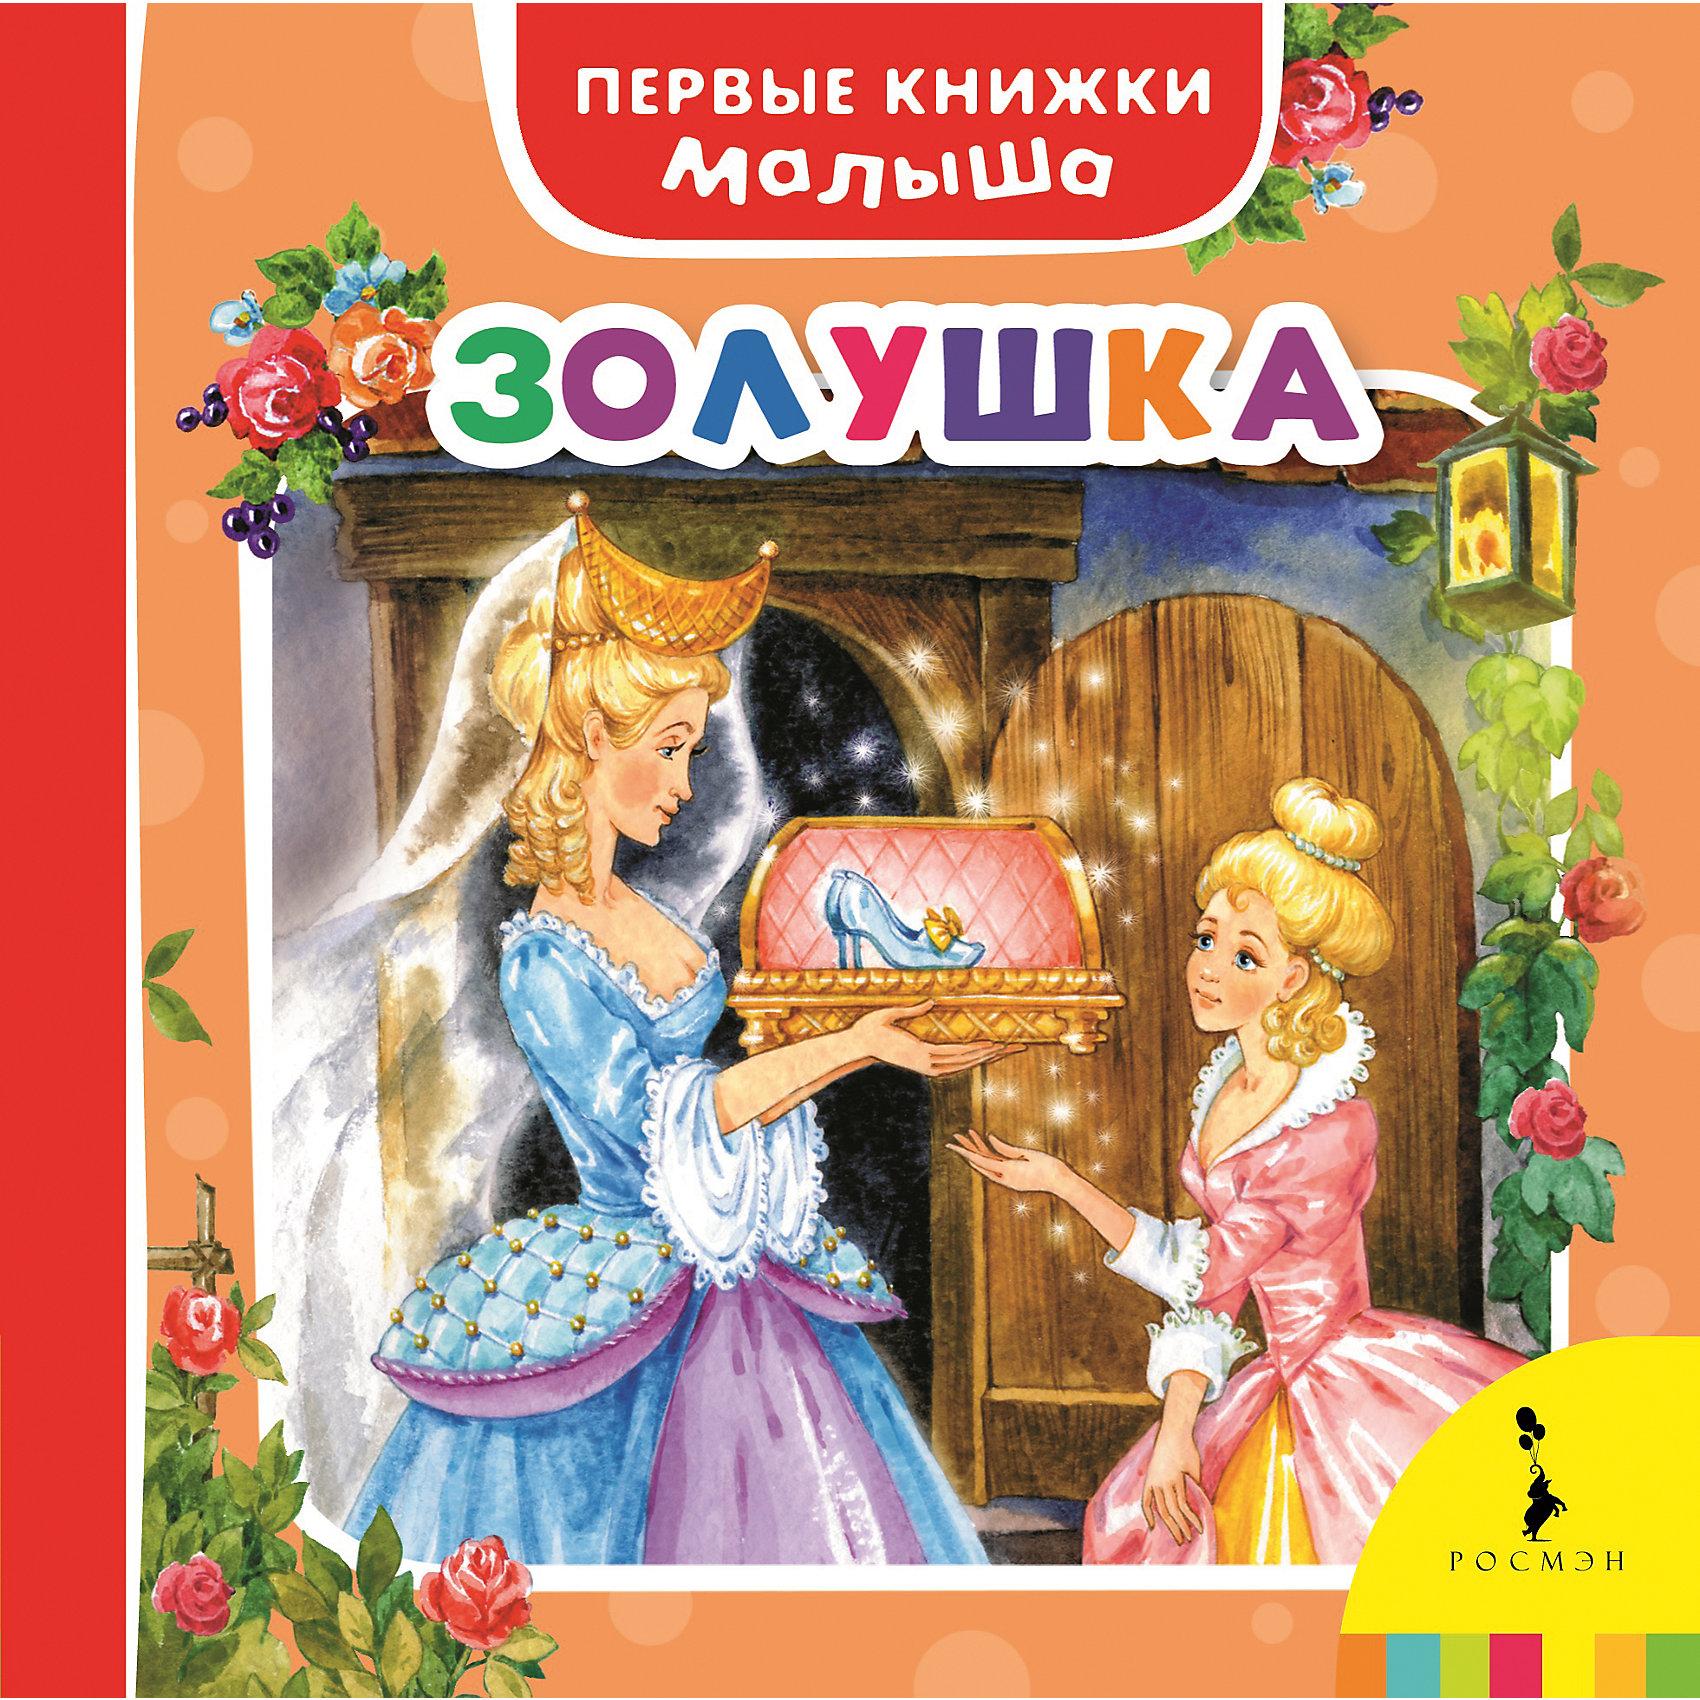 Золушка, Первые книжки малышаХарактеристики товара:<br><br>- цвет: разноцветный;<br>- материал: бумага;<br>- страниц: 14;<br>- формат: 17 х 17 см;<br>- обложка: картон;<br>- возраст: от 1 года. <br><br>Издания серии Первые книжки малыша - отличный способ занять ребенка! Эта красочная книга станет отличным подарком для родителей и малыша. Она содержит в себе известные сказки, которые так любят дети. Плюс - яркие иллюстрации. Отличный способ привить малышу любовь к чтению! Удобный формат и плотные странички позволят брать книгу с собой в поездки.<br>Чтение и рассматривание картинок даже в юном возрасте помогает ребенку развивать память, концентрацию внимания и воображение. Издание произведено из качественных материалов, которые безопасны даже для самых маленьких.<br><br>Издание Золушка, Первые книжки малыша от компании Росмэн можно купить в нашем интернет-магазине.<br><br>Ширина мм: 165<br>Глубина мм: 165<br>Высота мм: 20<br>Вес г: 419<br>Возраст от месяцев: 0<br>Возраст до месяцев: 36<br>Пол: Унисекс<br>Возраст: Детский<br>SKU: 5110301